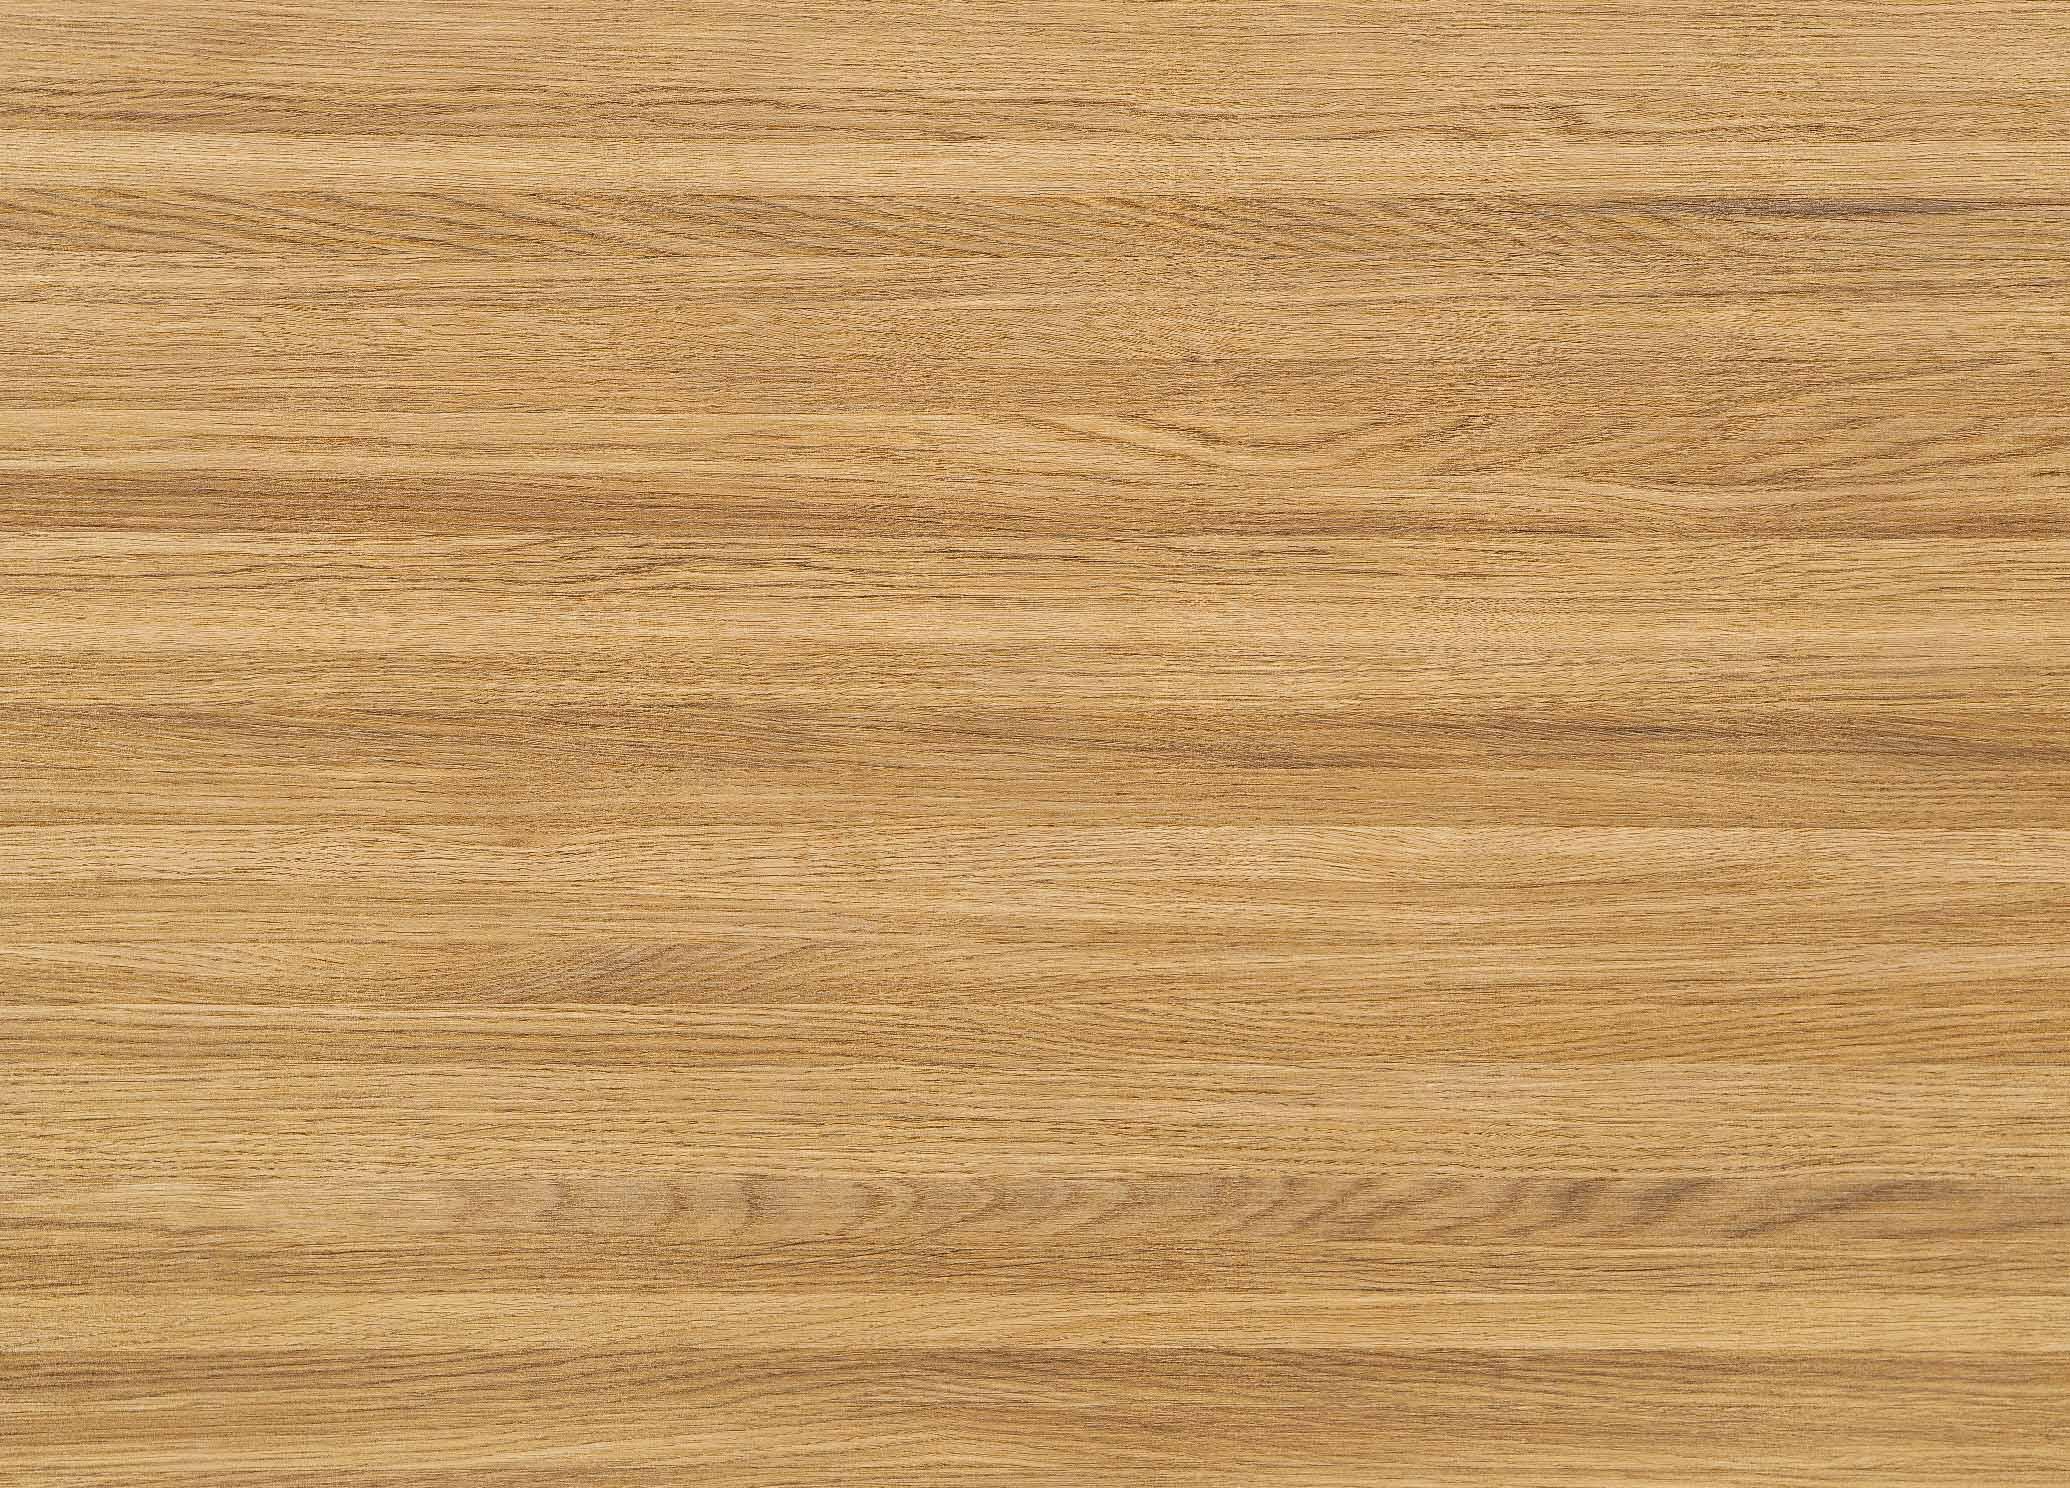 Мебельный щит № 98П Золотистый дуб 6 мм/ 4,2